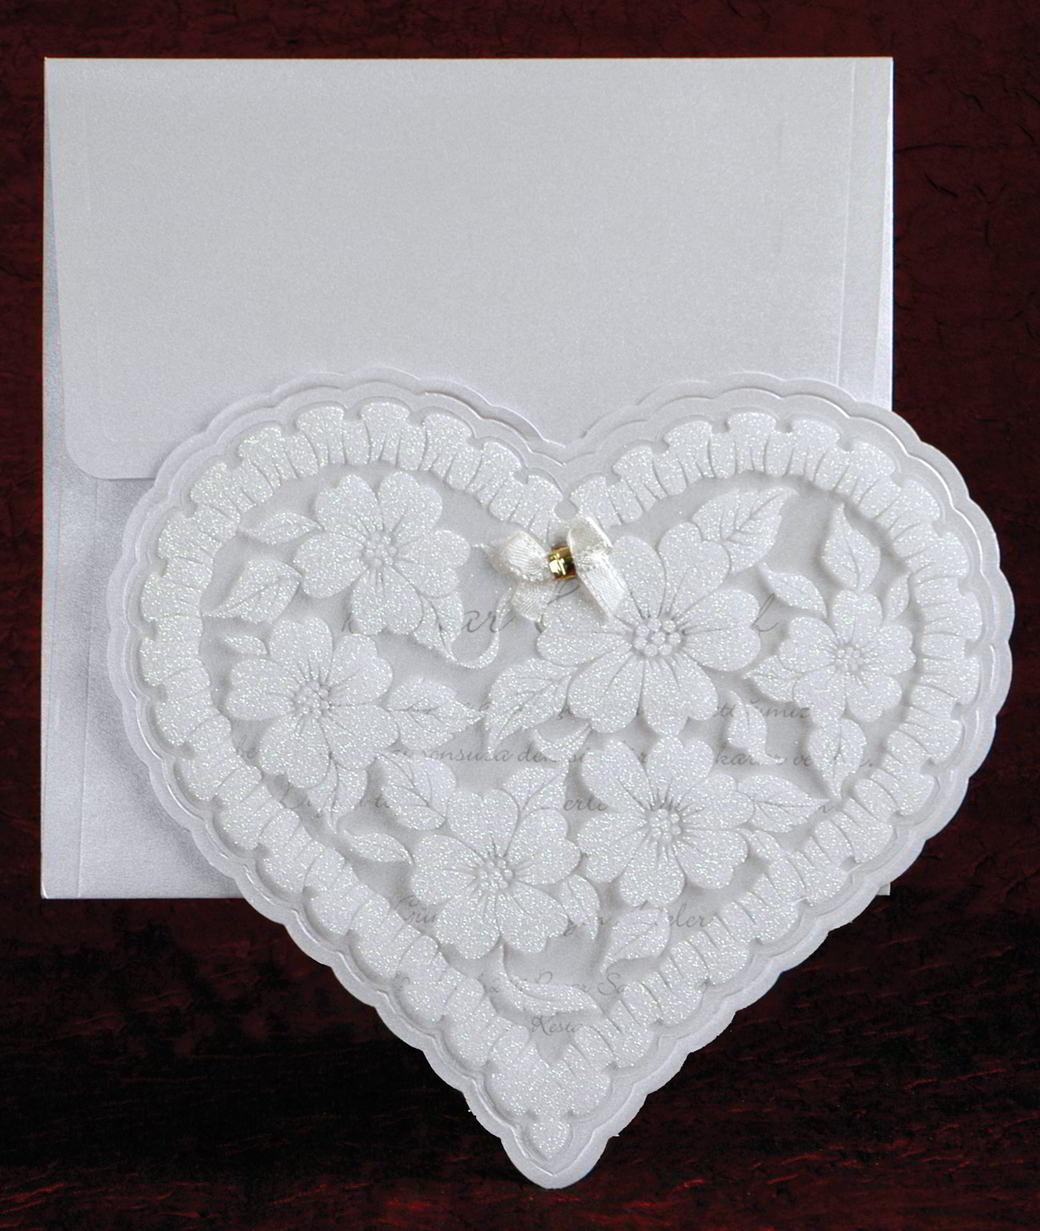 Invitatii Nunta Colectia Ebru 2013 Invitatii Nunta Personalizate